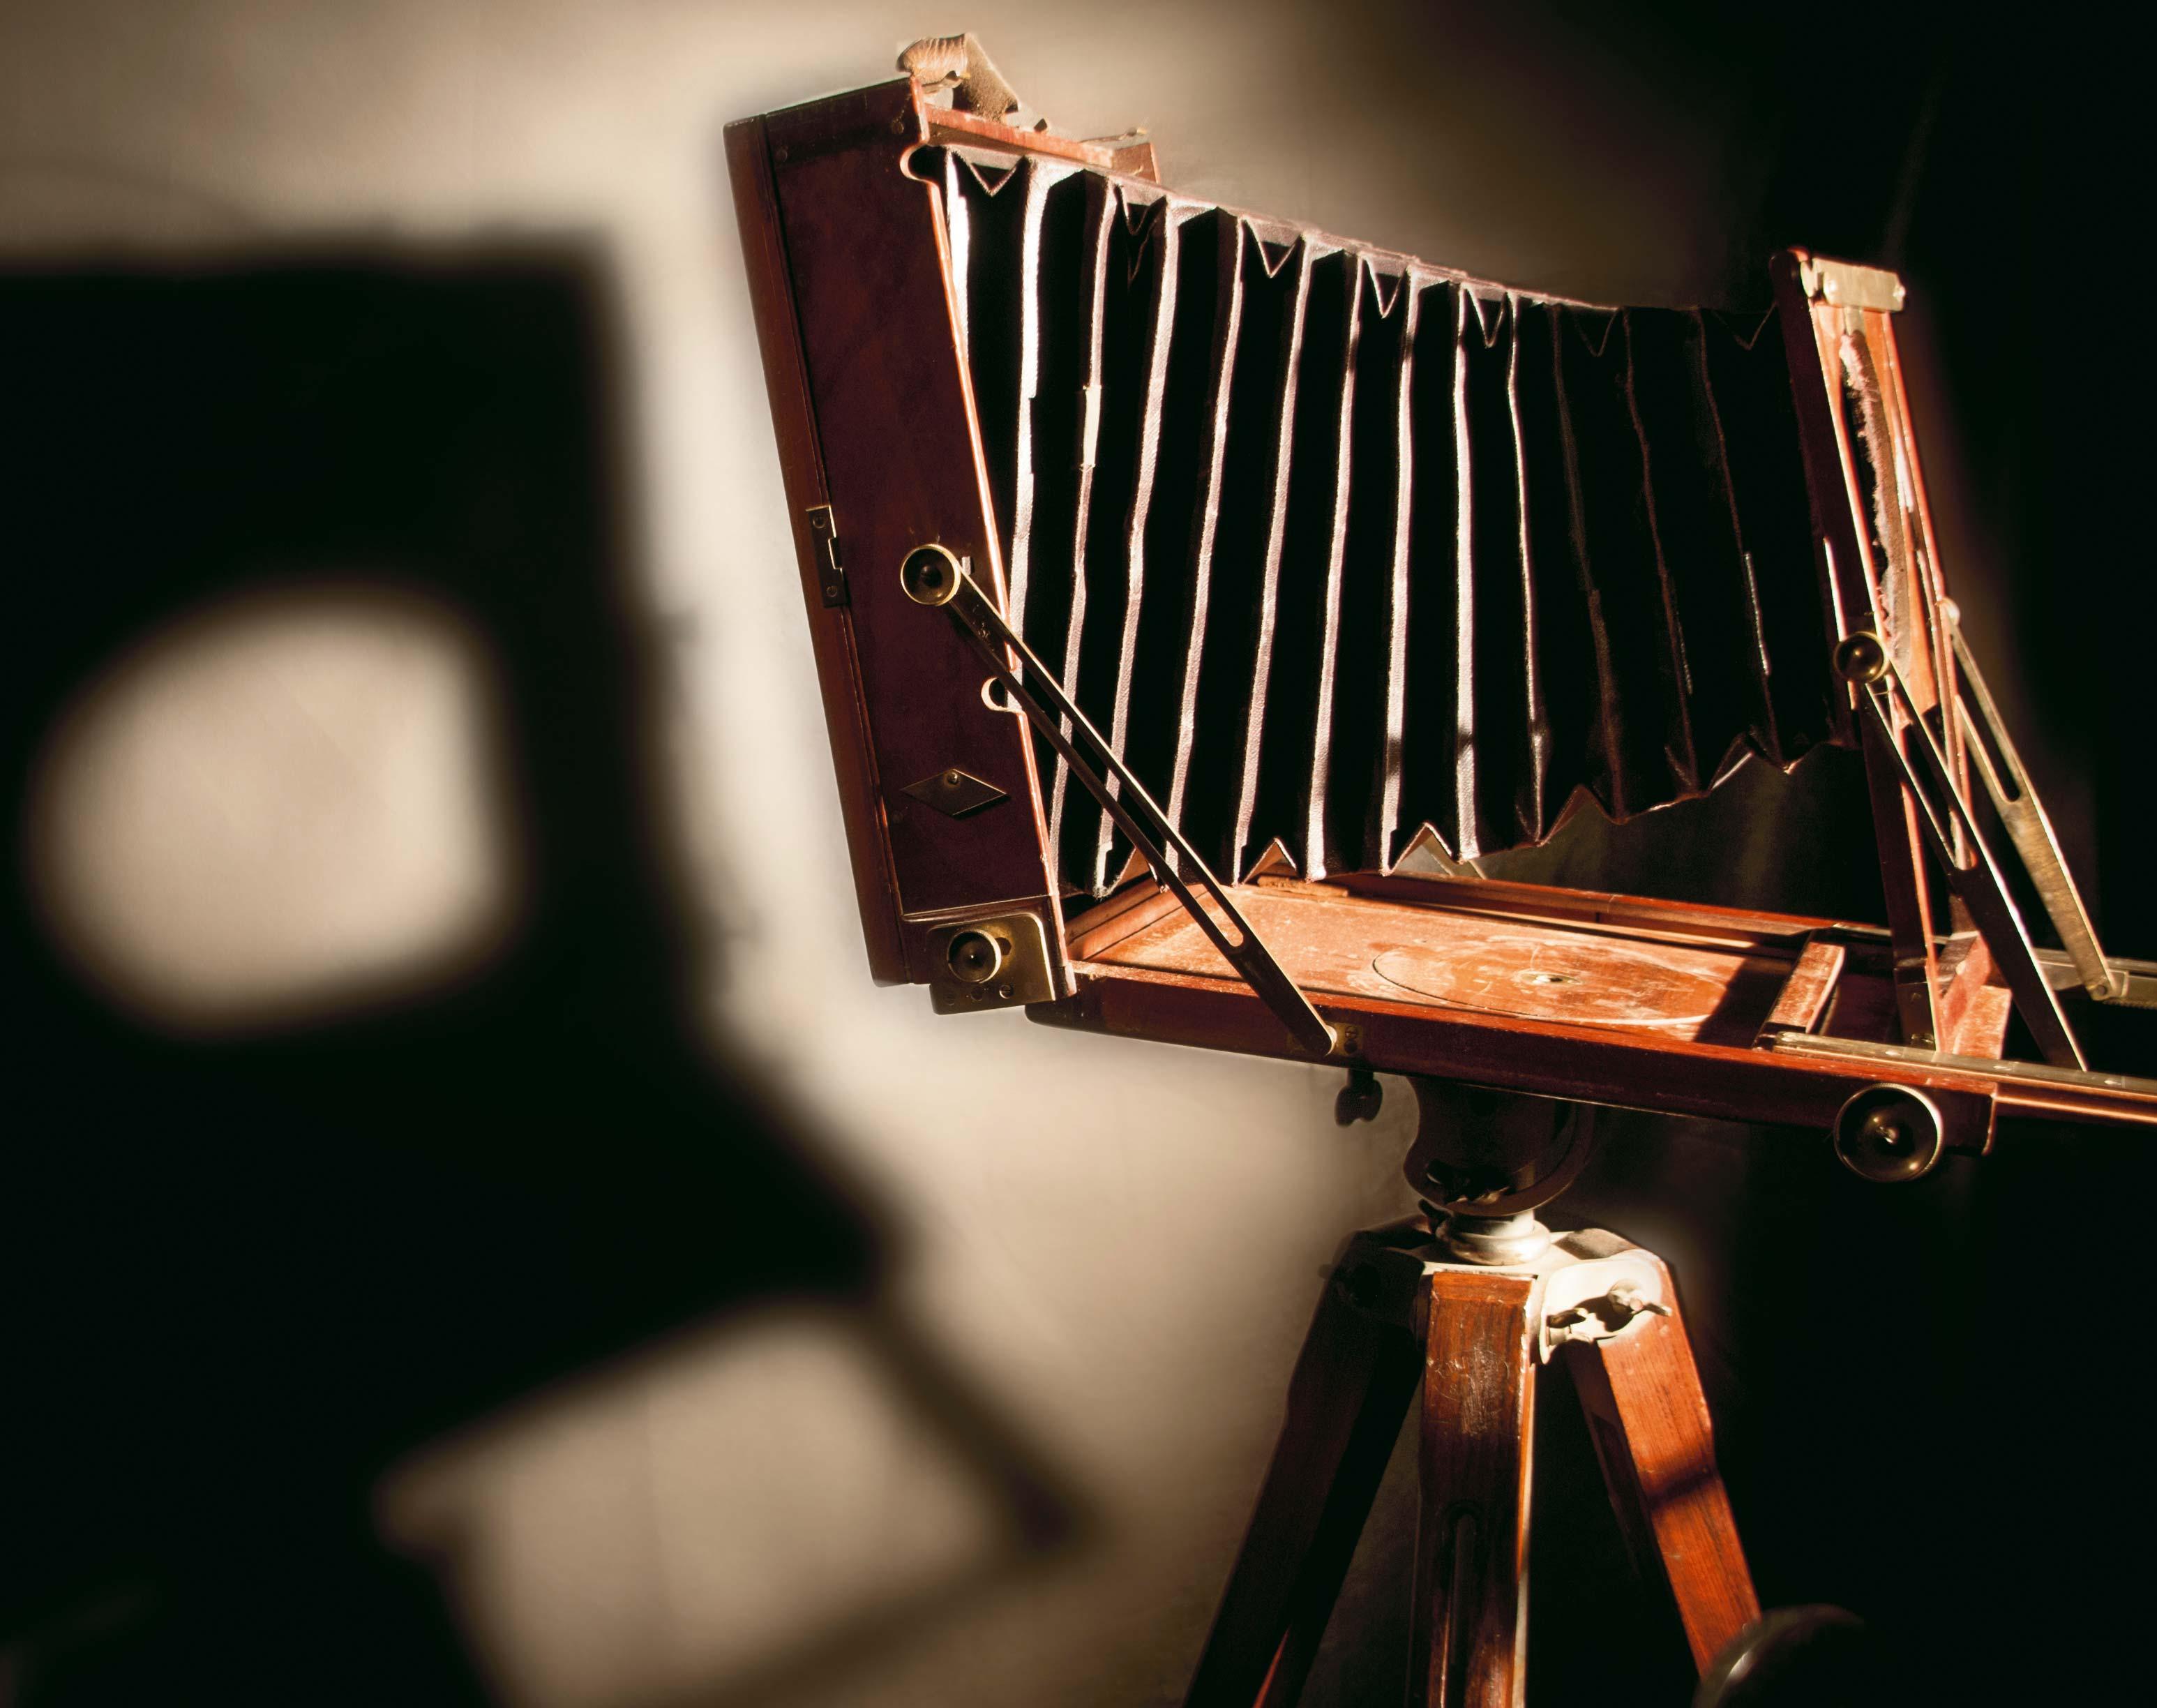 D---38x48-PaquitoJavier-Paquito-Herrera--7